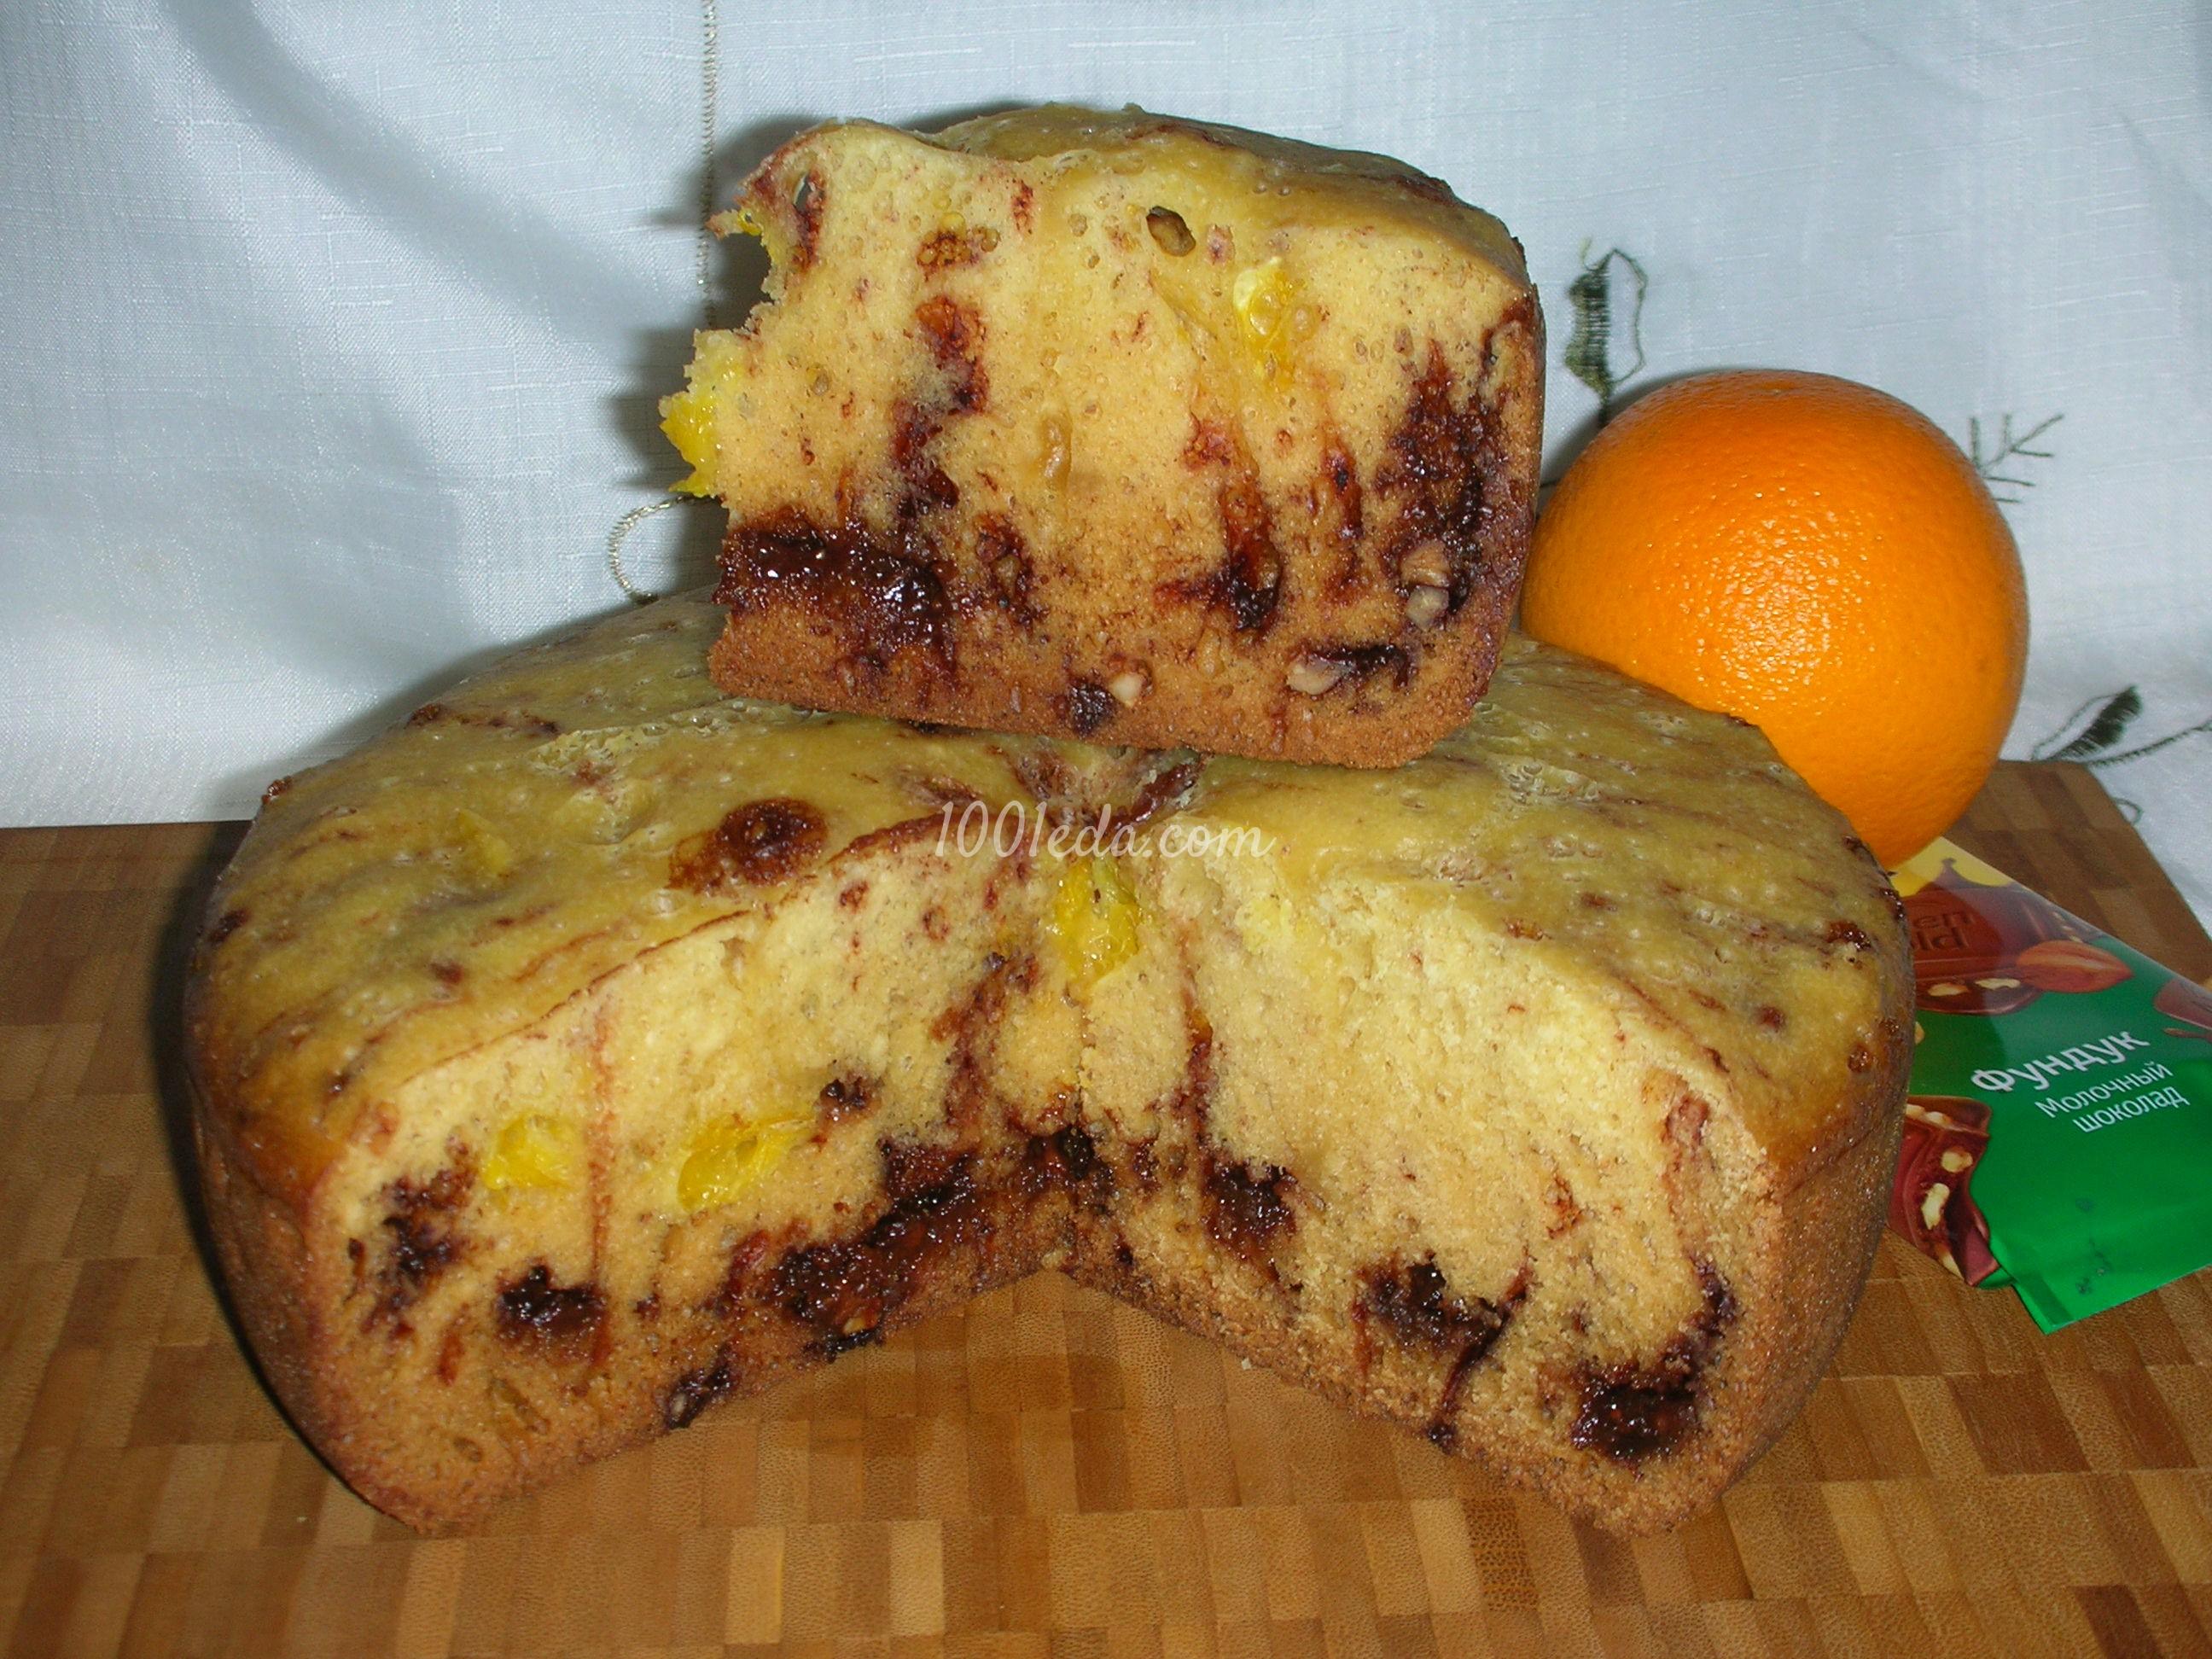 апельсиновый пирог в мультиварке рецепты с фото конкурс, где выявлялись